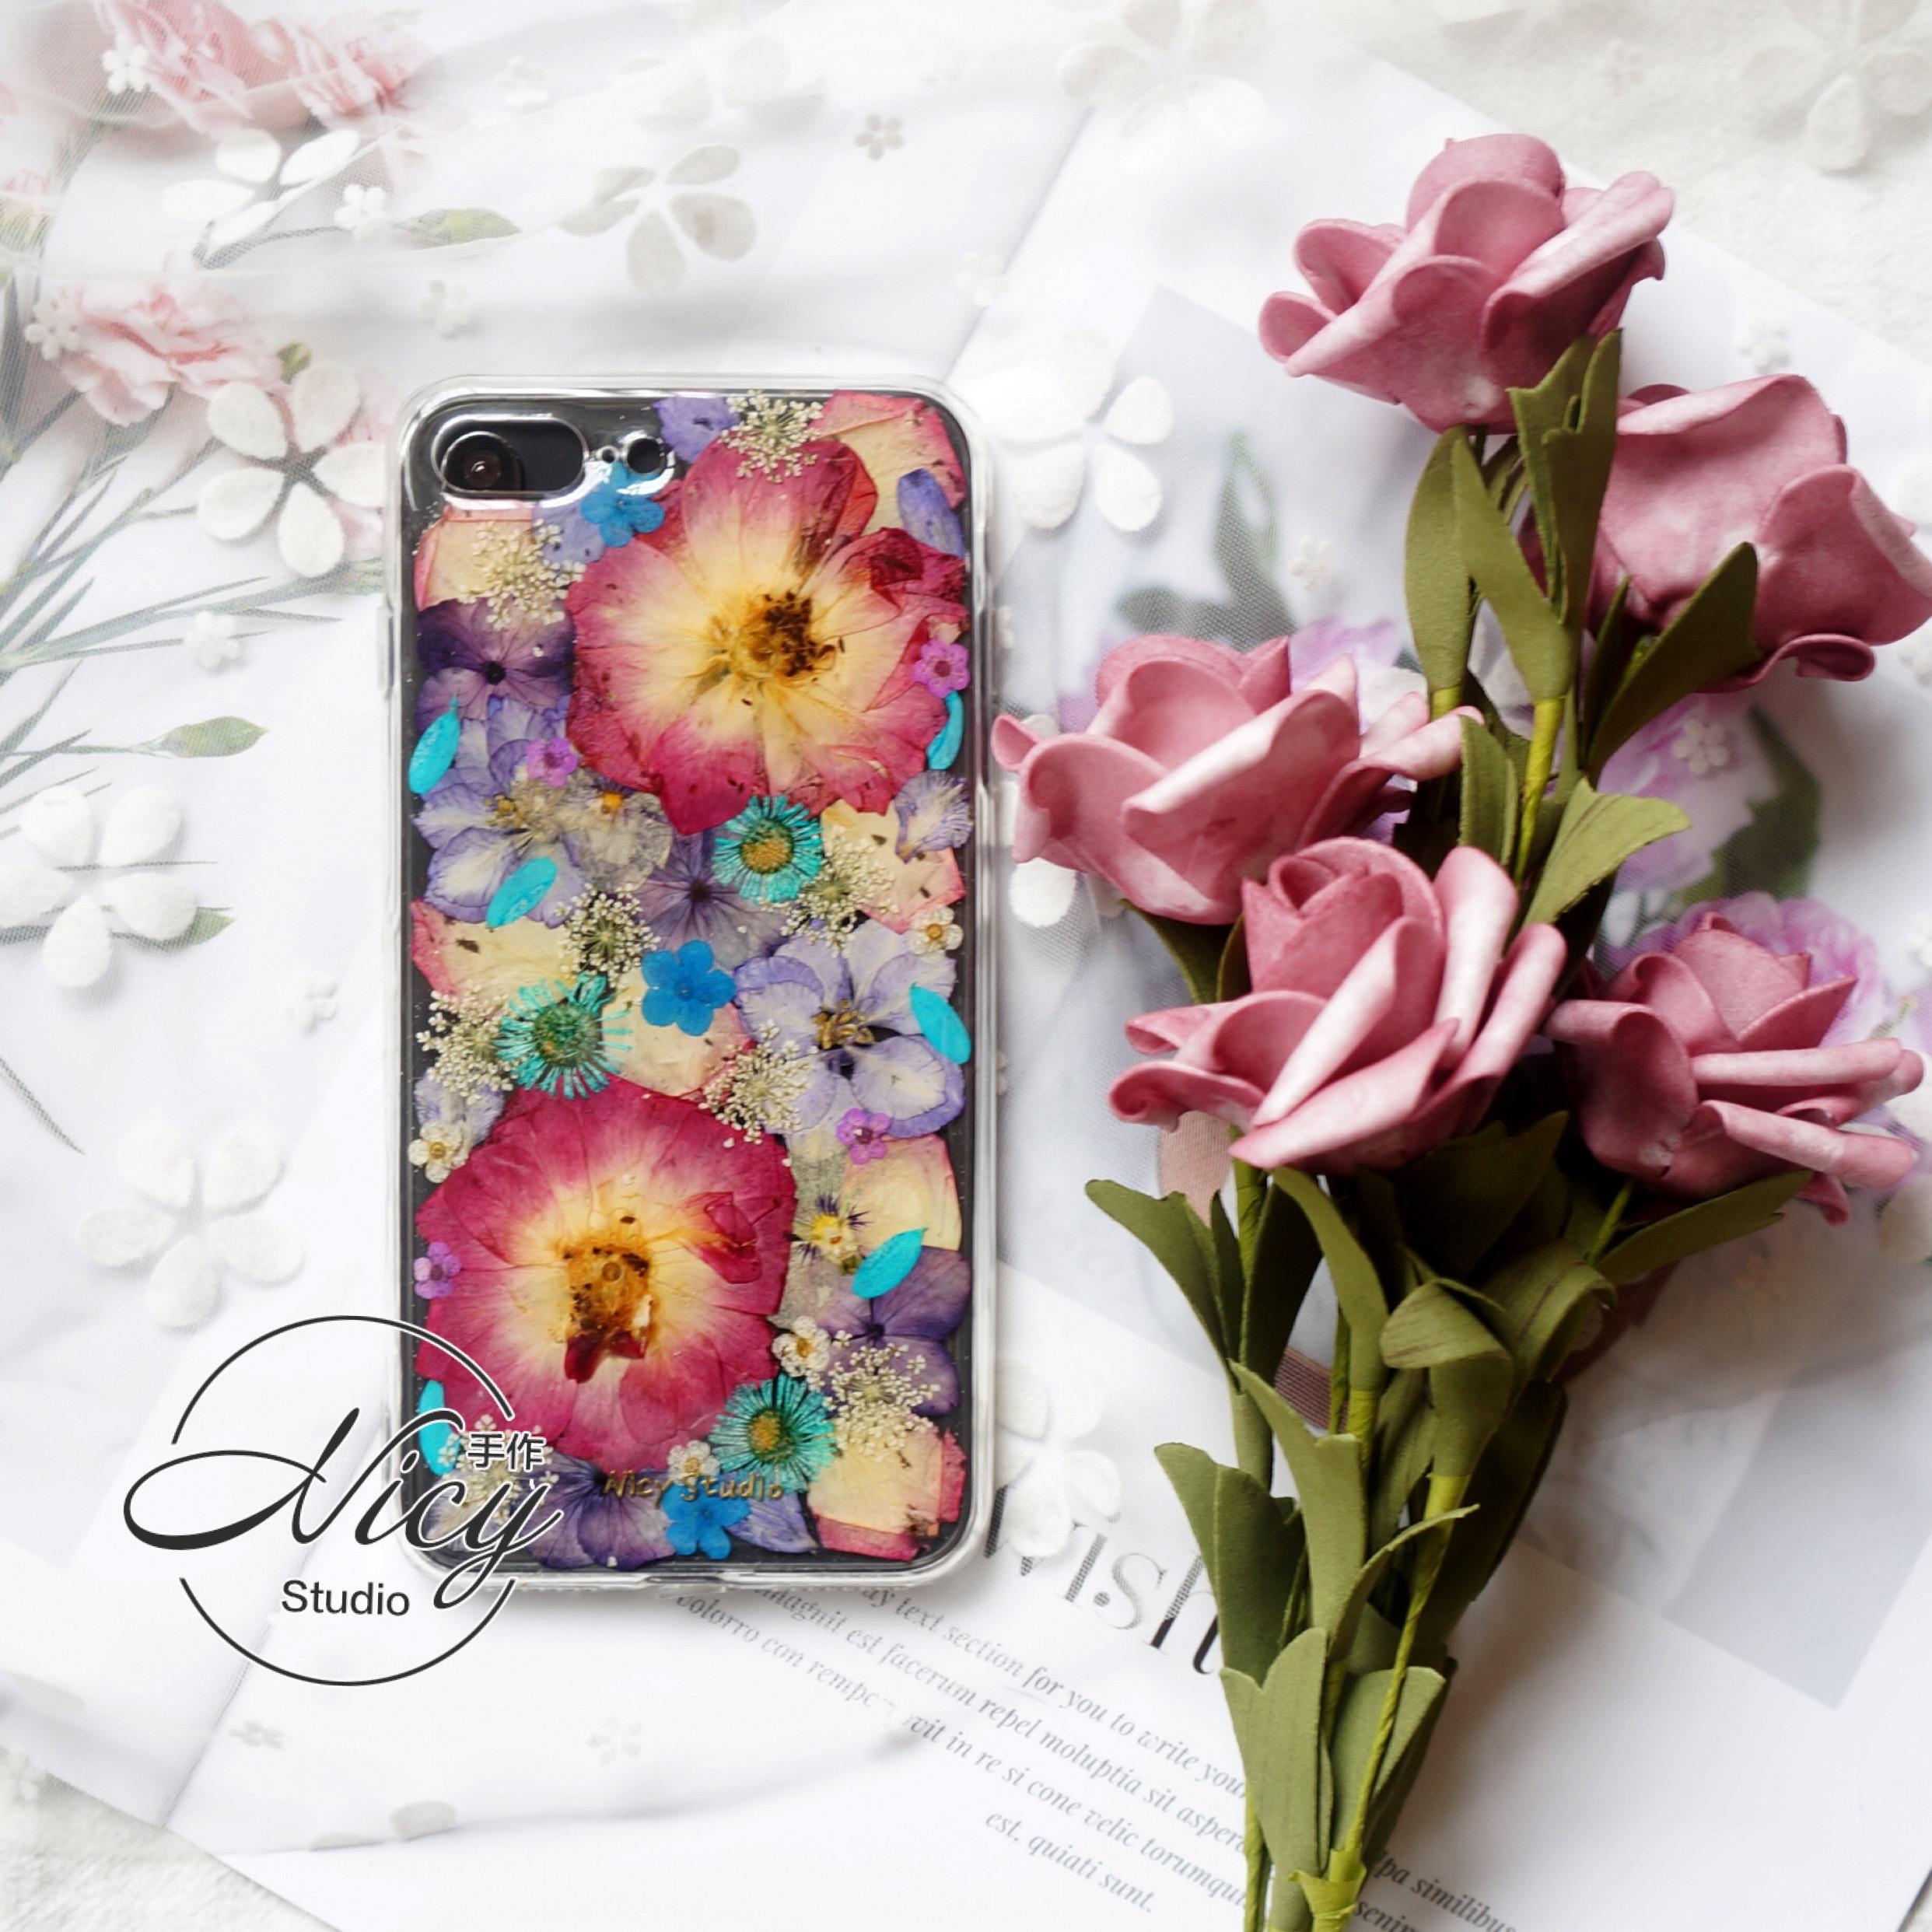 干花玫瑰标本复古紫硅胶手机壳定制母亲礼物套适用于苹果华为vivo